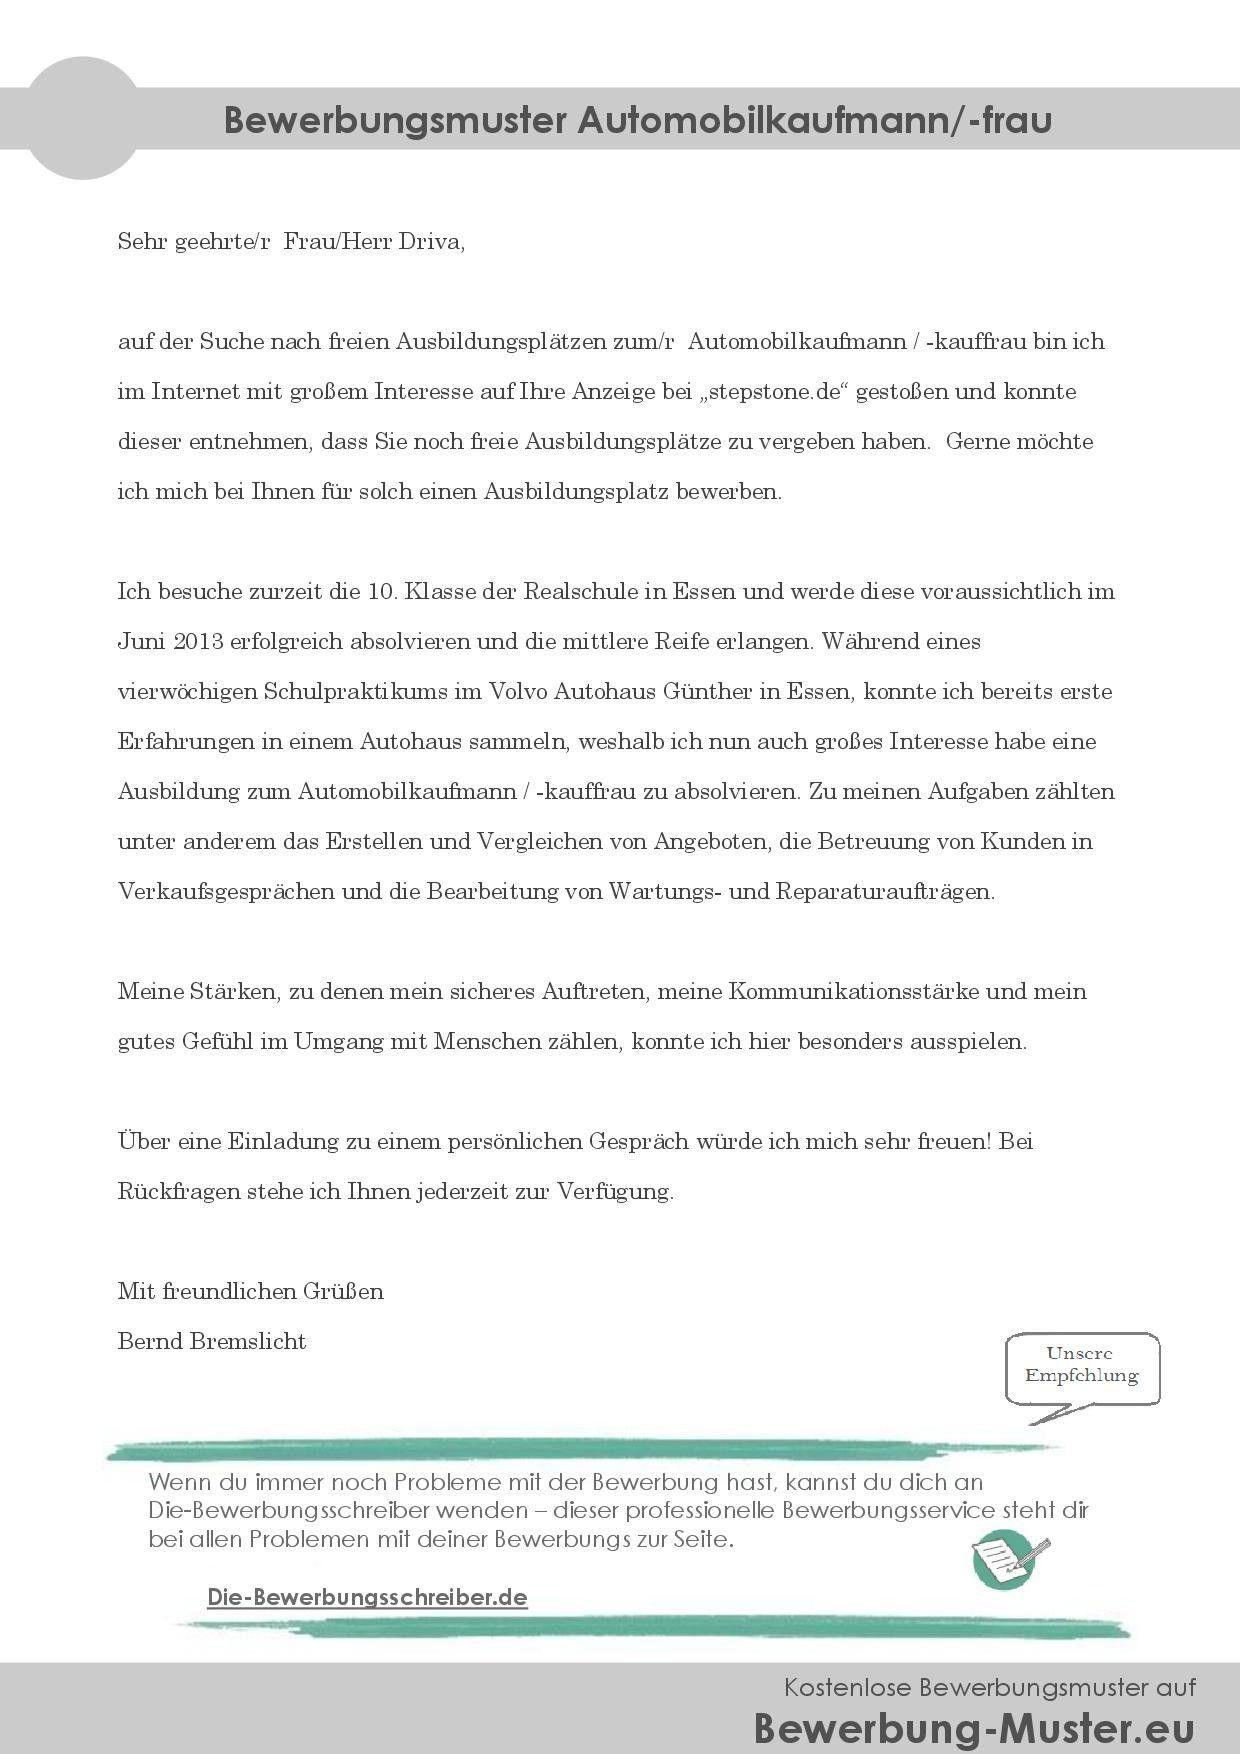 Neu Motivationsschreiben Verfassungsschutz Briefprobe Briefformat Briefvorlage Lebenslauf Lebenslauf Muster Gute Bewerbung